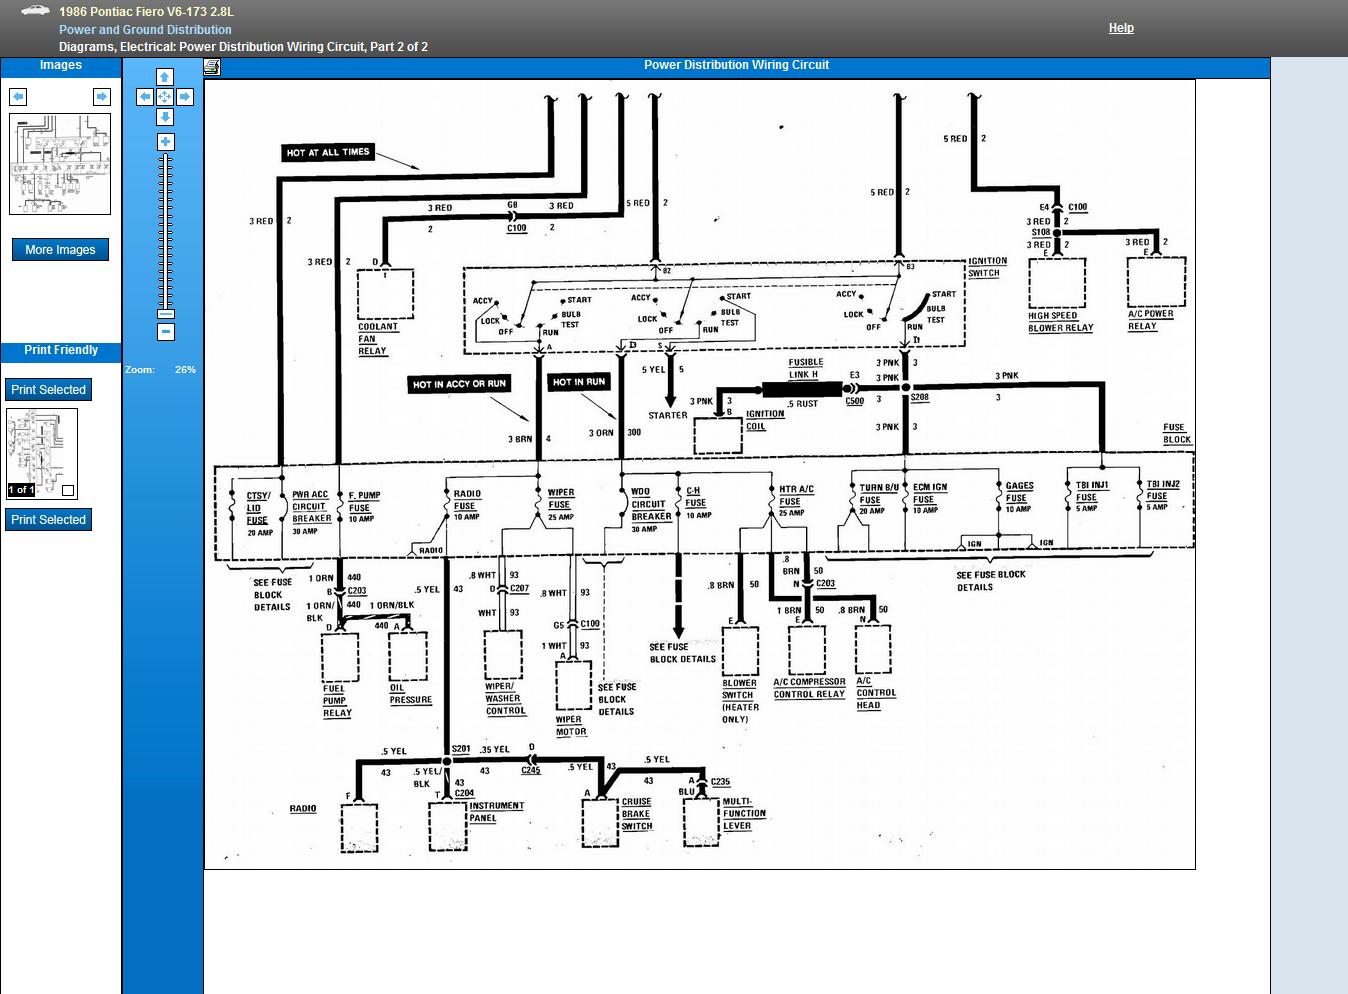 1986 Pontiac Fiero Wiring Schematic - Wiring Diagram Schema